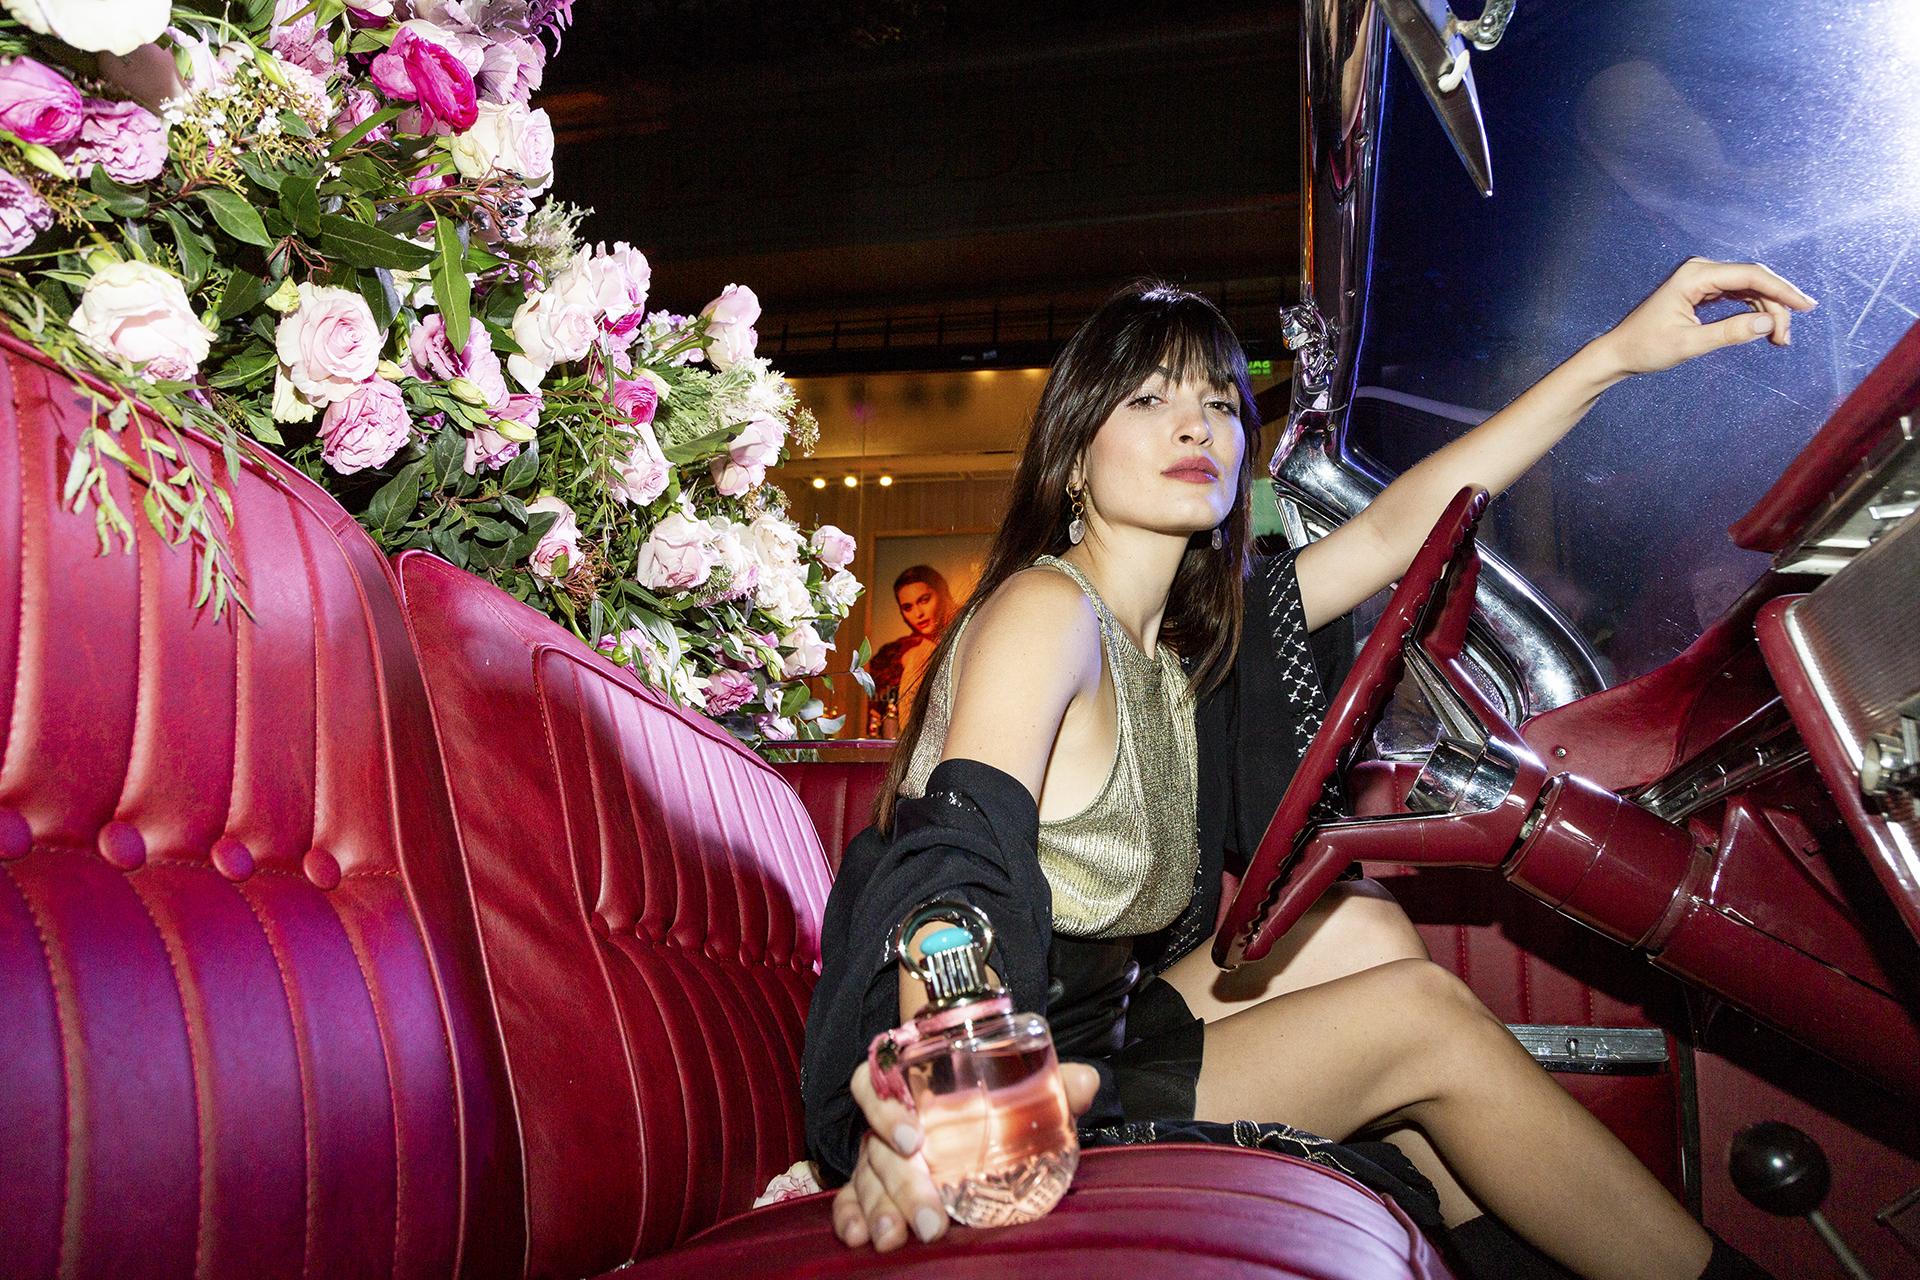 La modelo Carla Moure en la presentación del perfume. Otro detalle del perfume es el tapón dorado de estilo bohemio acompaña al frasco, aportándole el toque Boho distintivo de la firma y se corona con una piedra azul turquesa que nos lleva al mimo y cuidado en los detalles, característicos en Rapsodia